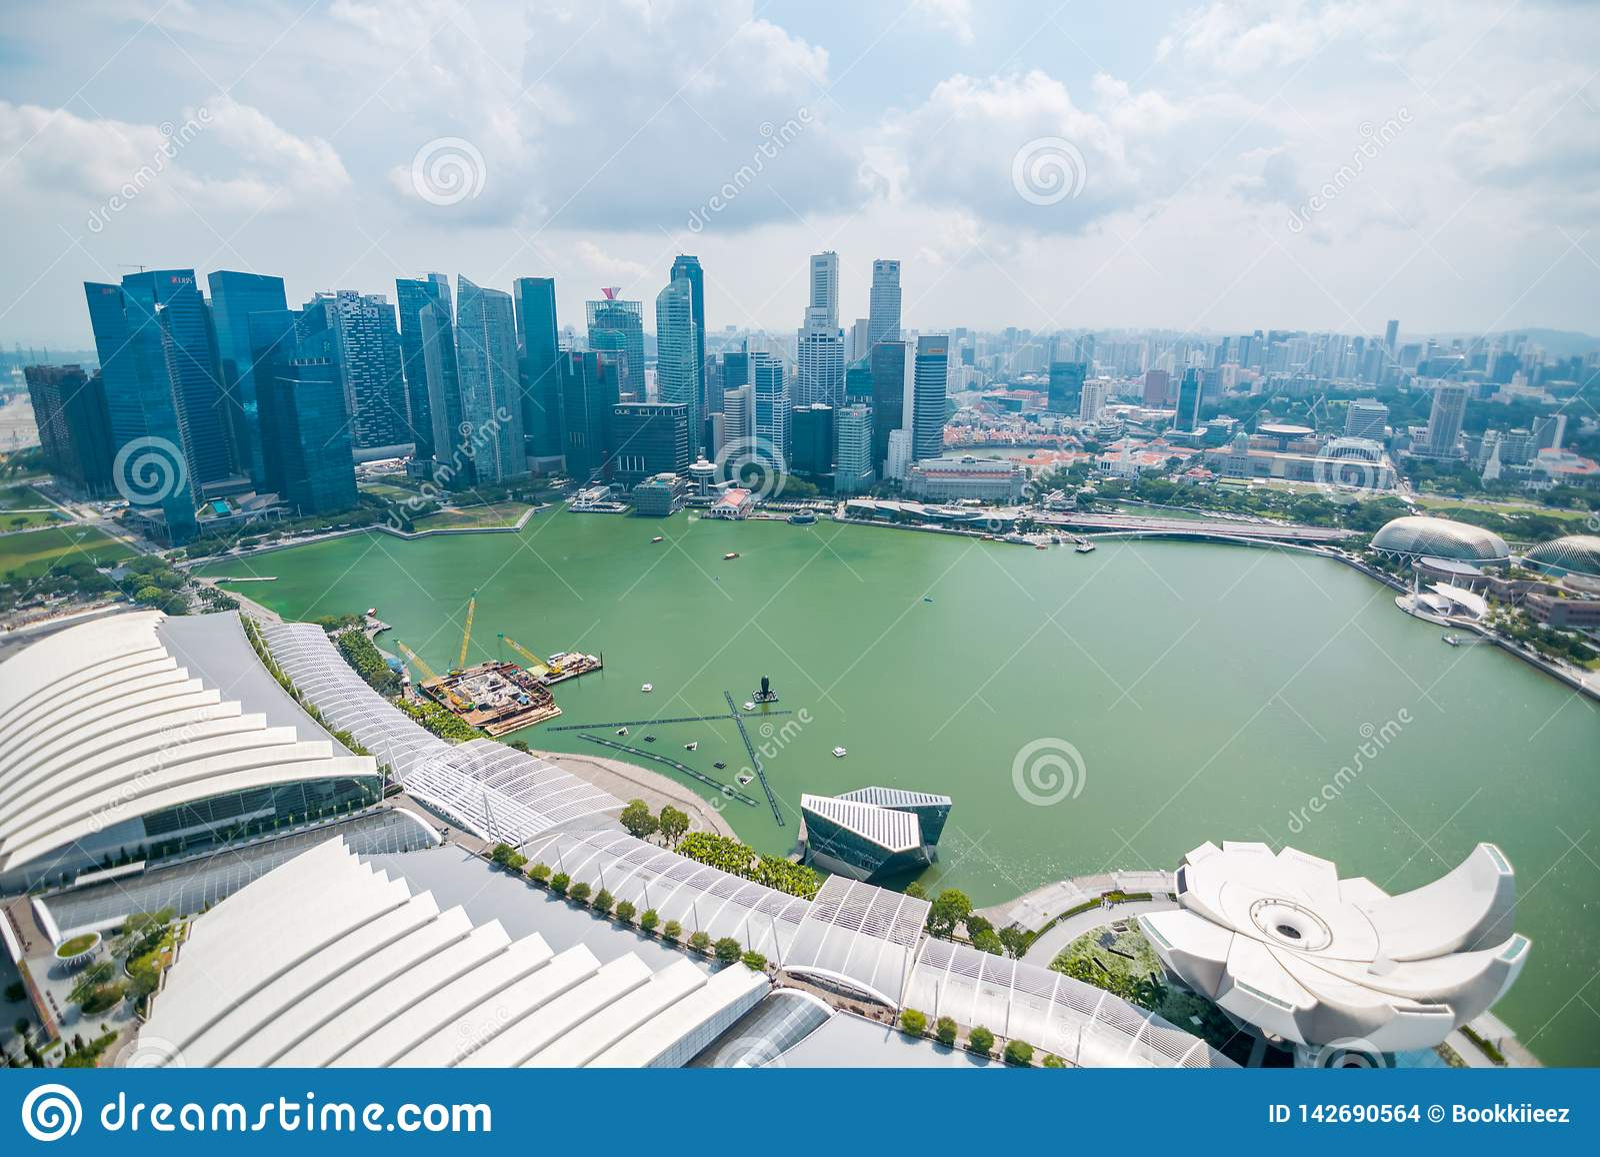 Vista dell orizzonte del centro direzionale dalla piattaforma di osservazione del parco del cielo a Marina Bay Sands Hotel